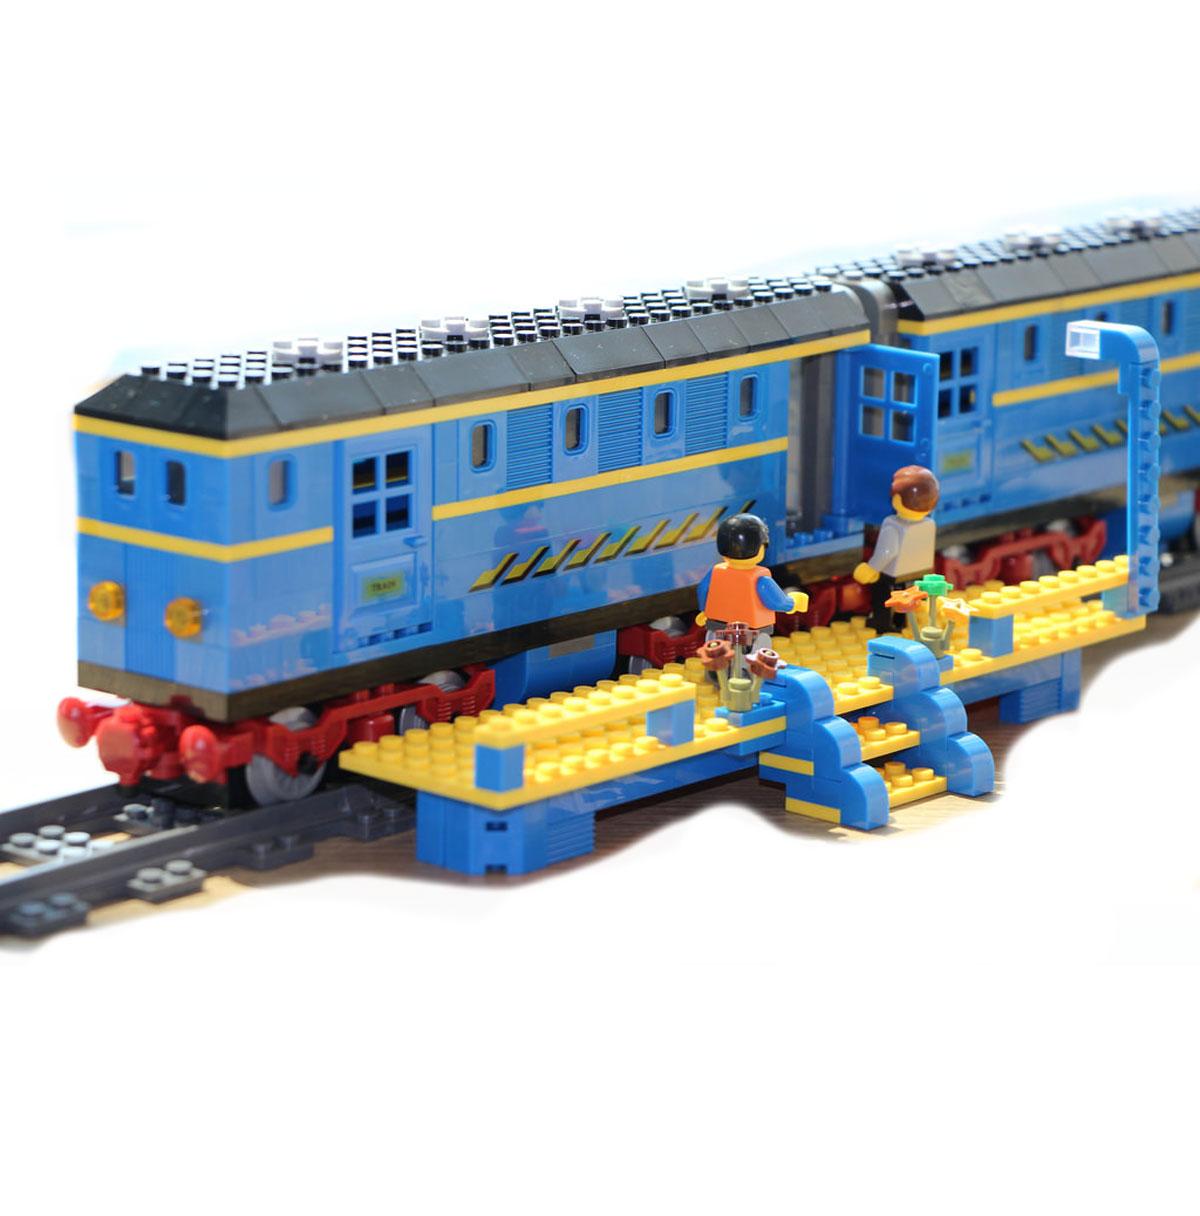 Конструктор поезд купить в украине